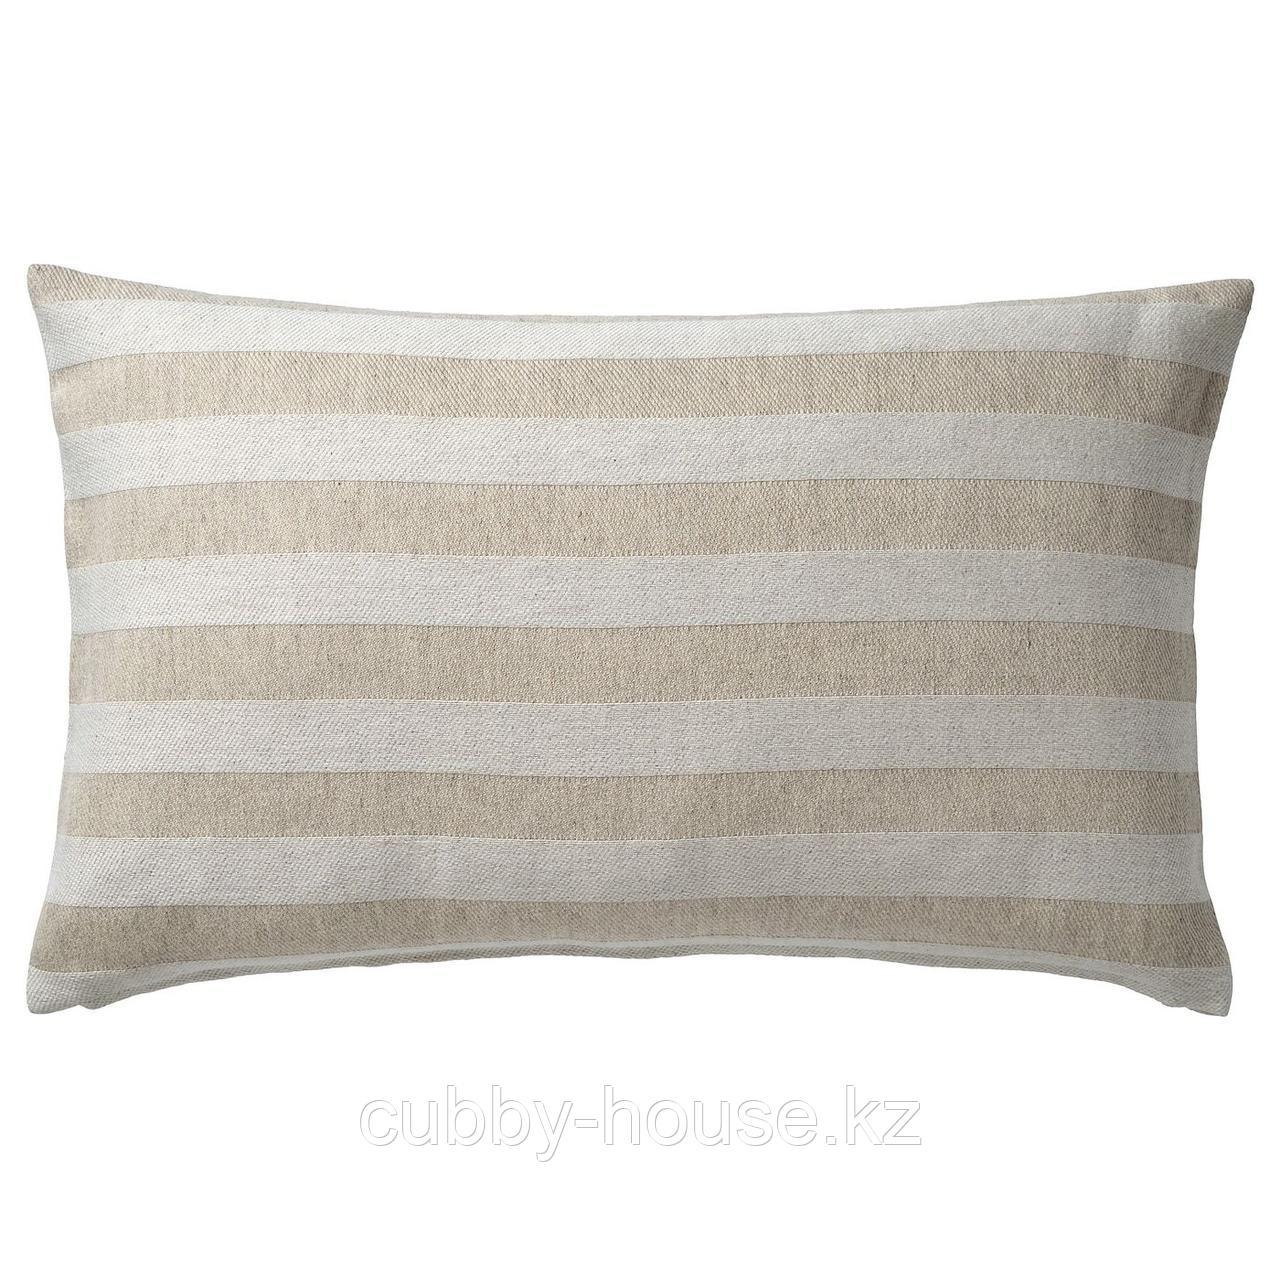 ХЕДДАМАРИА Чехол на подушку, неокрашенный, в полоску, 40x65 см